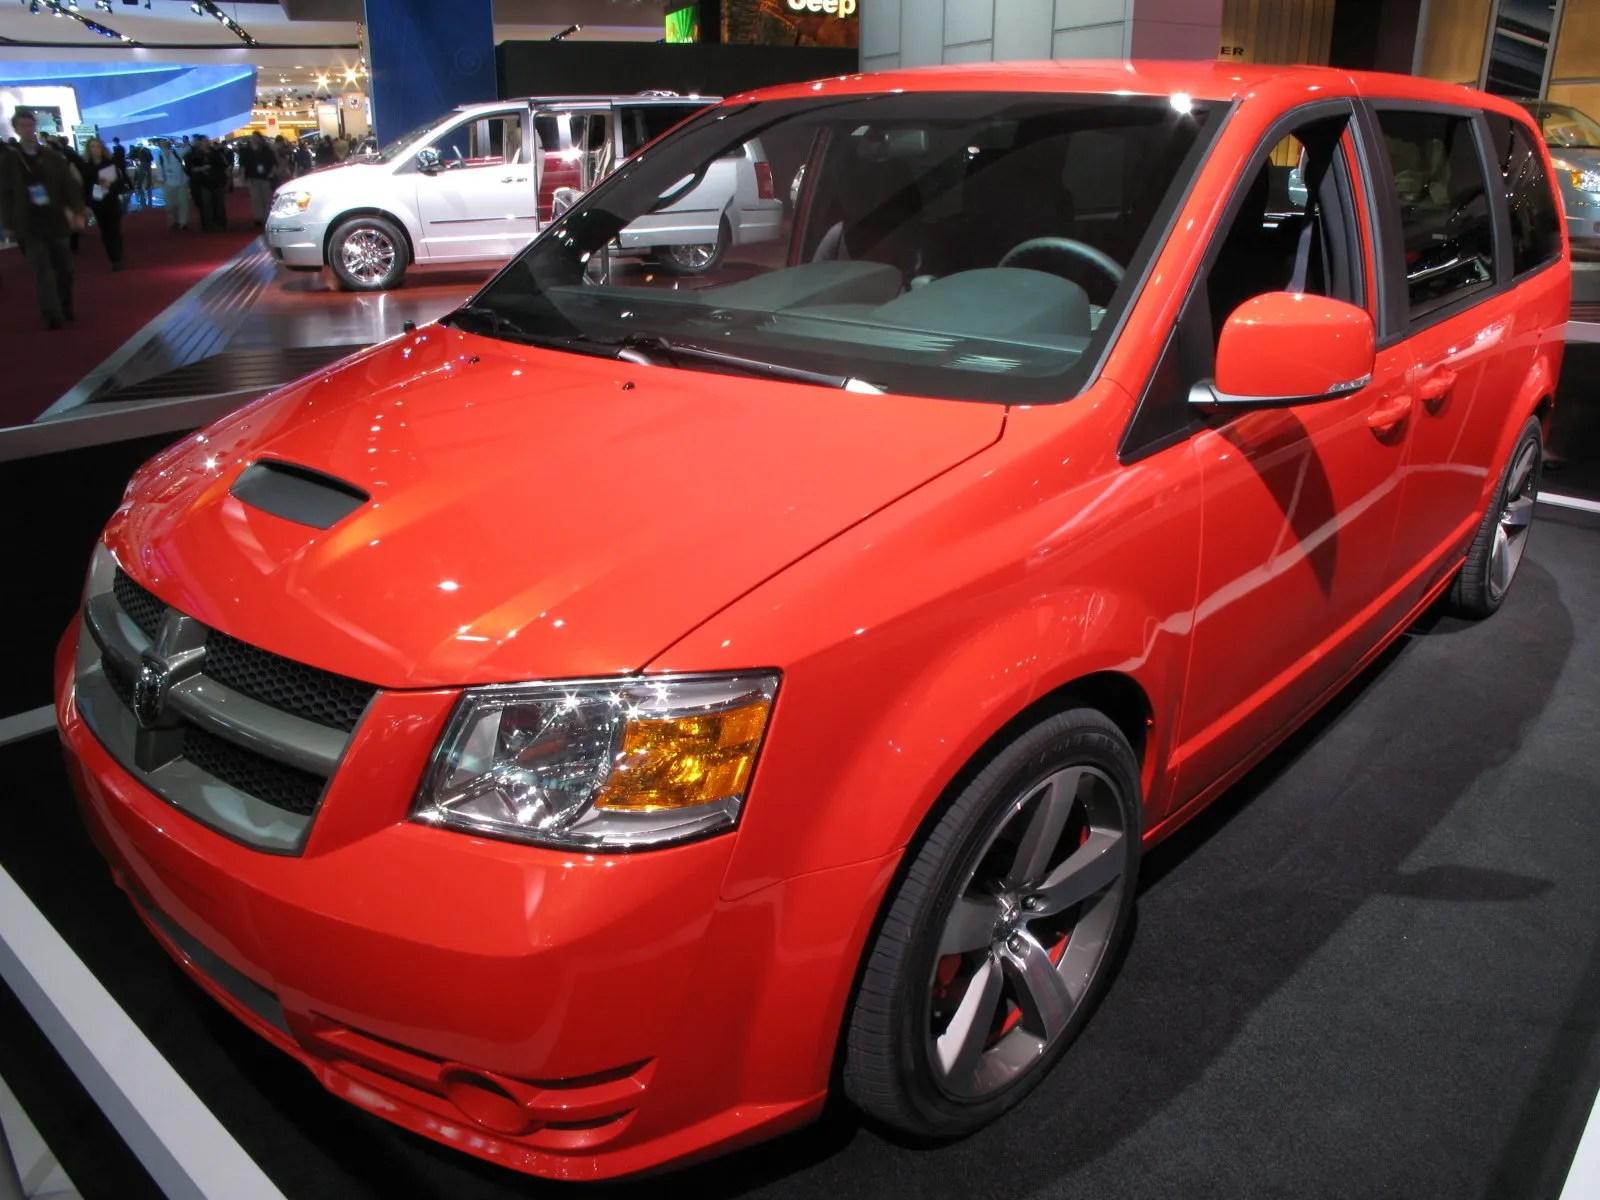 2008 Dodge Caravan R T Concept Review Top Speed